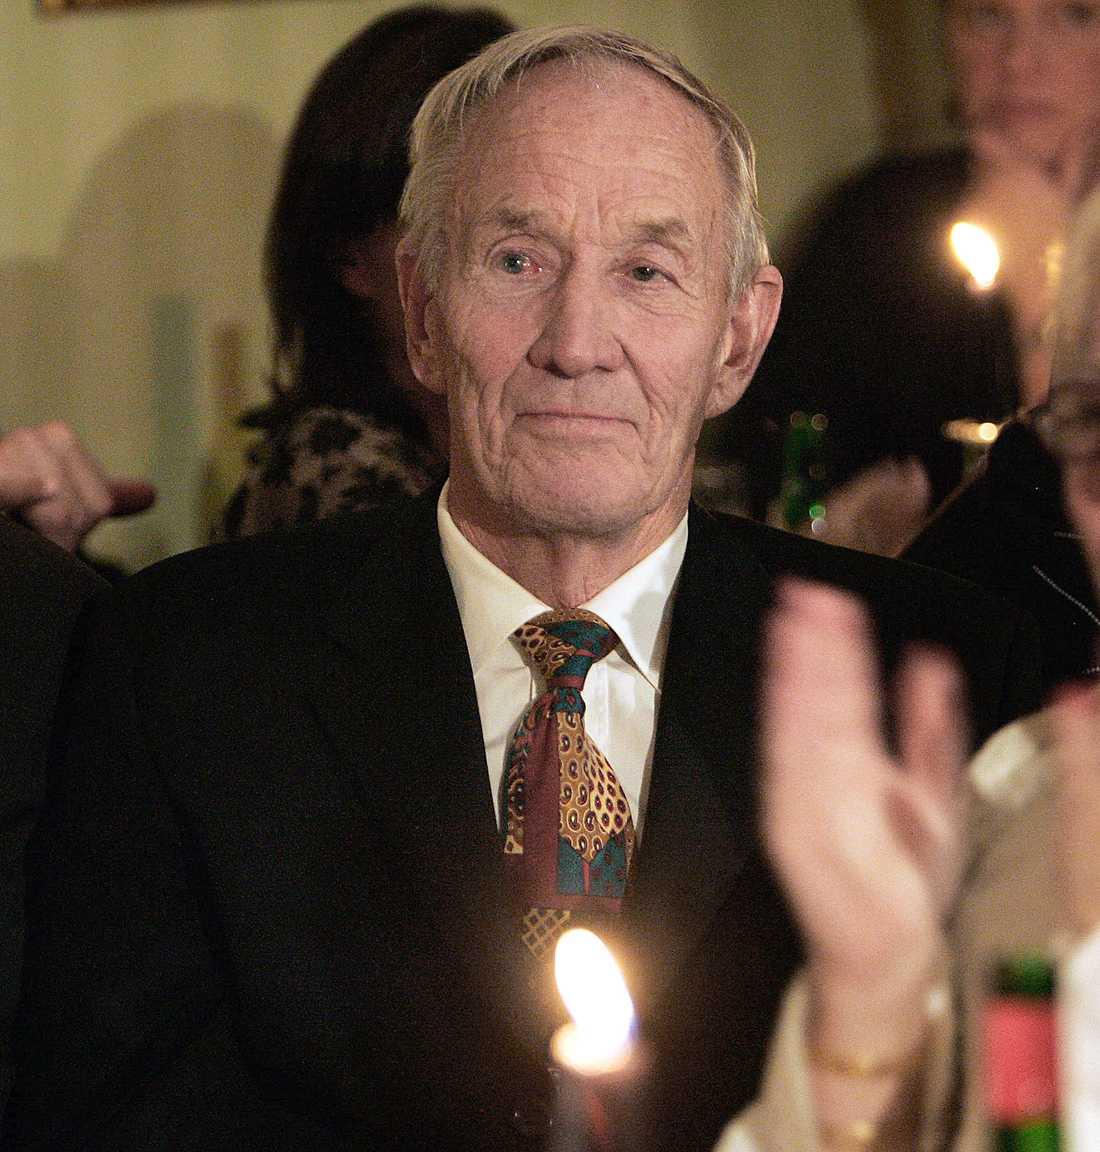 Ellos grundare Olle Blomqvist har död efter en tids sjukdom.